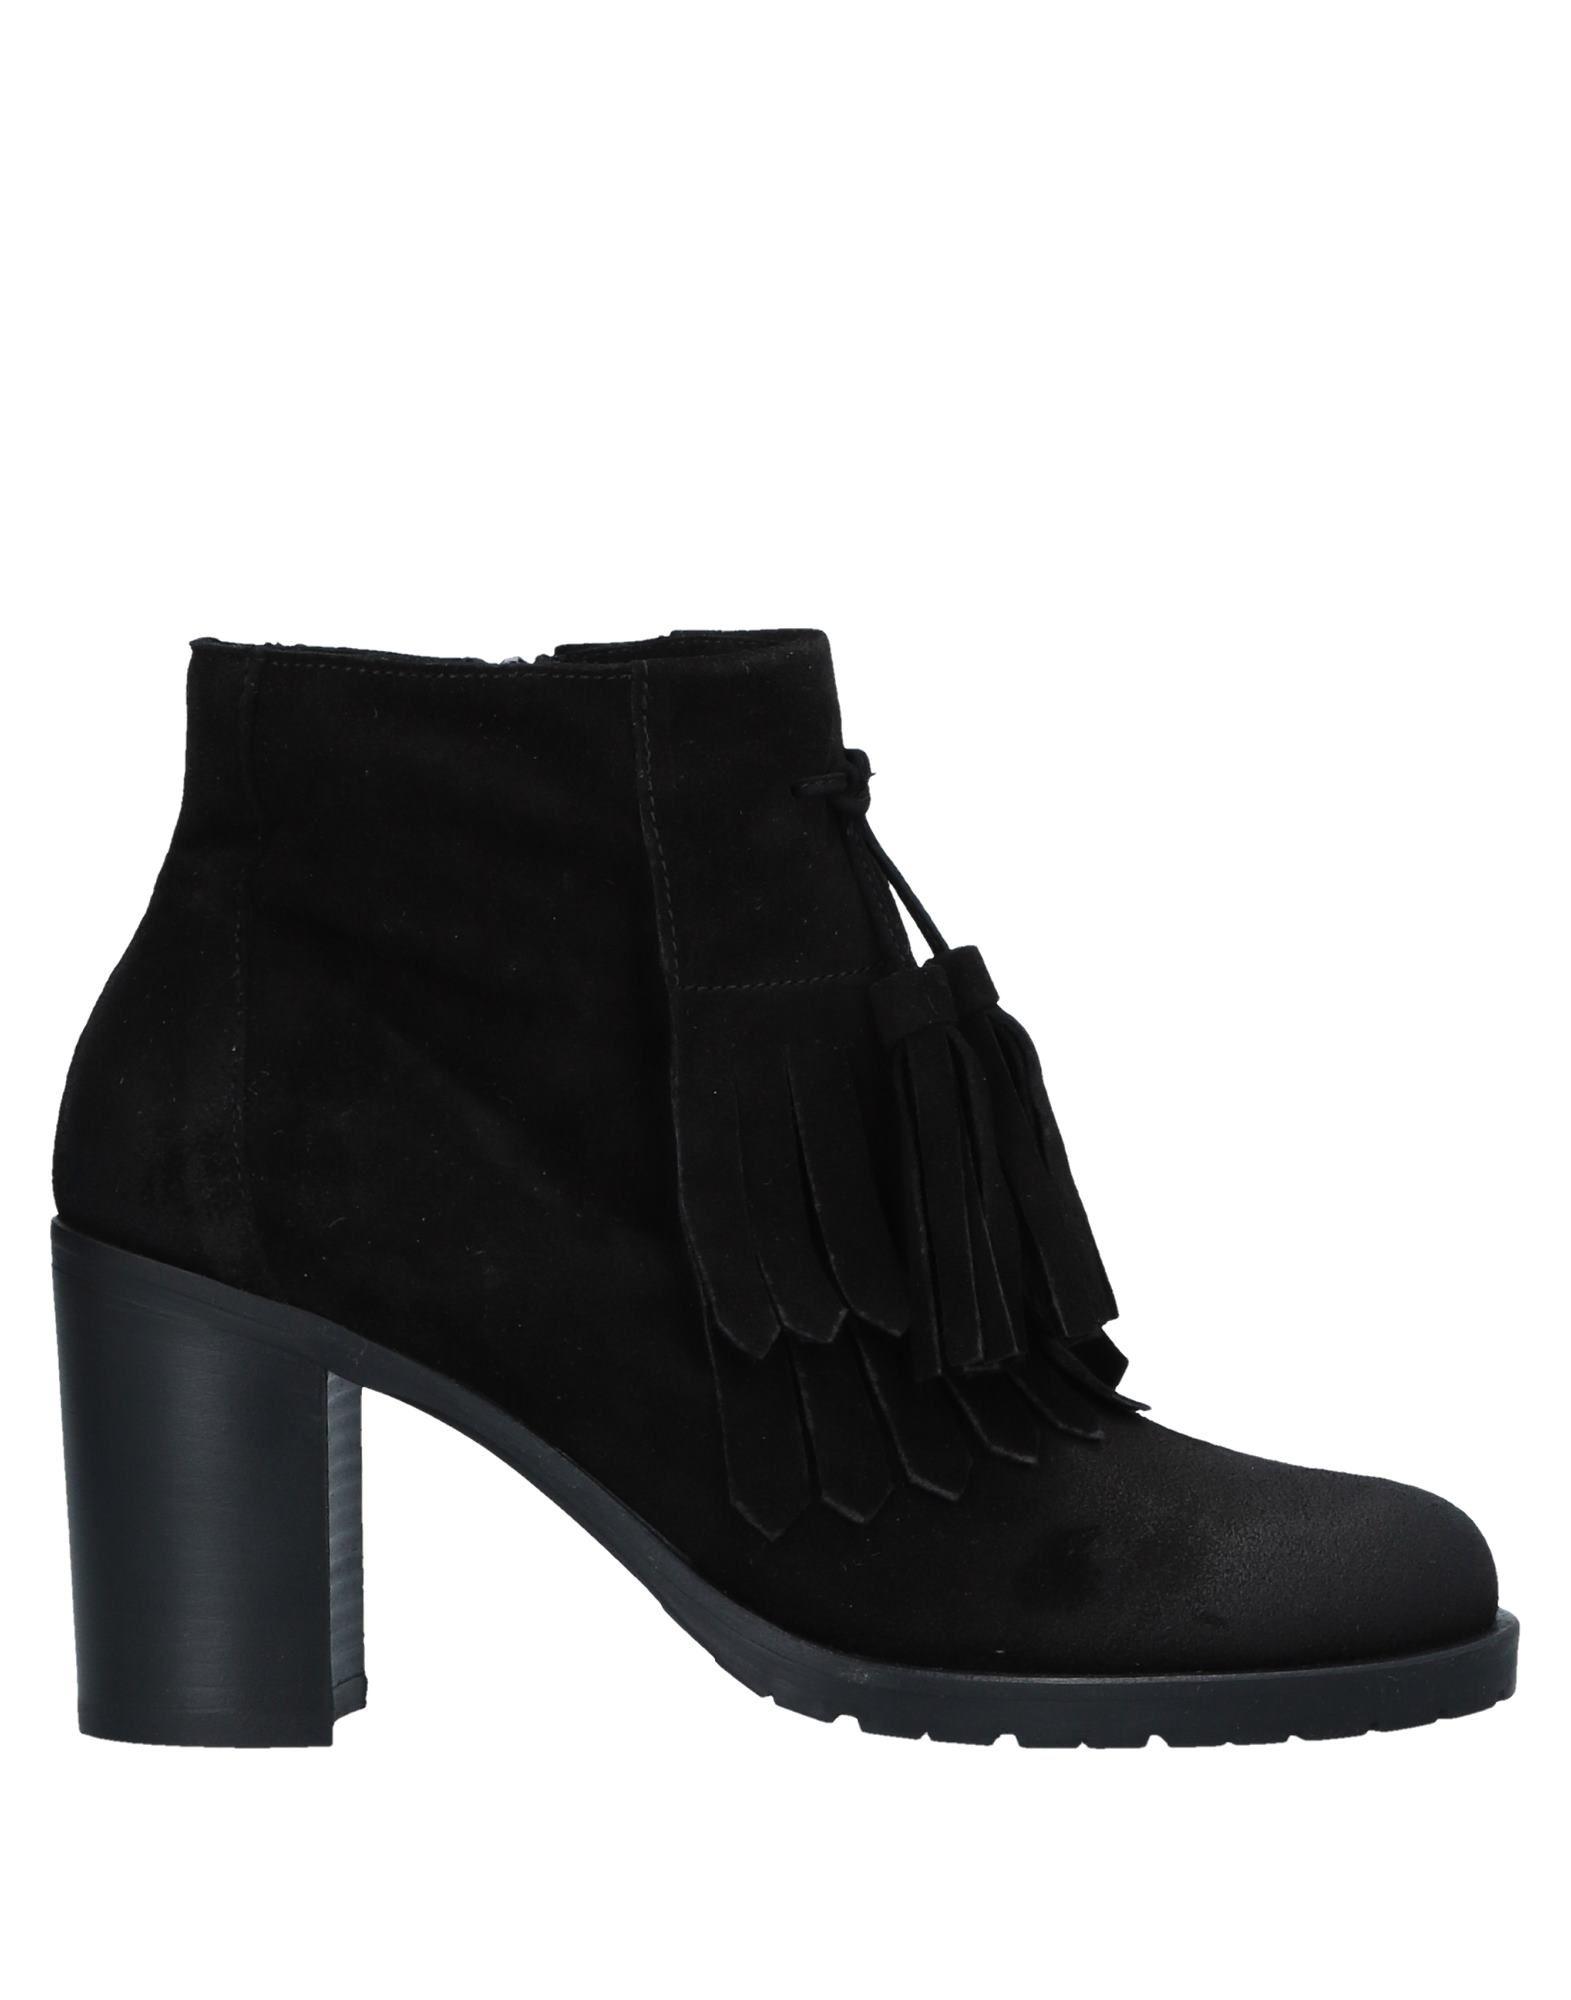 Donna Più Stiefelette Damen  11527038QD Gute Qualität beliebte Schuhe